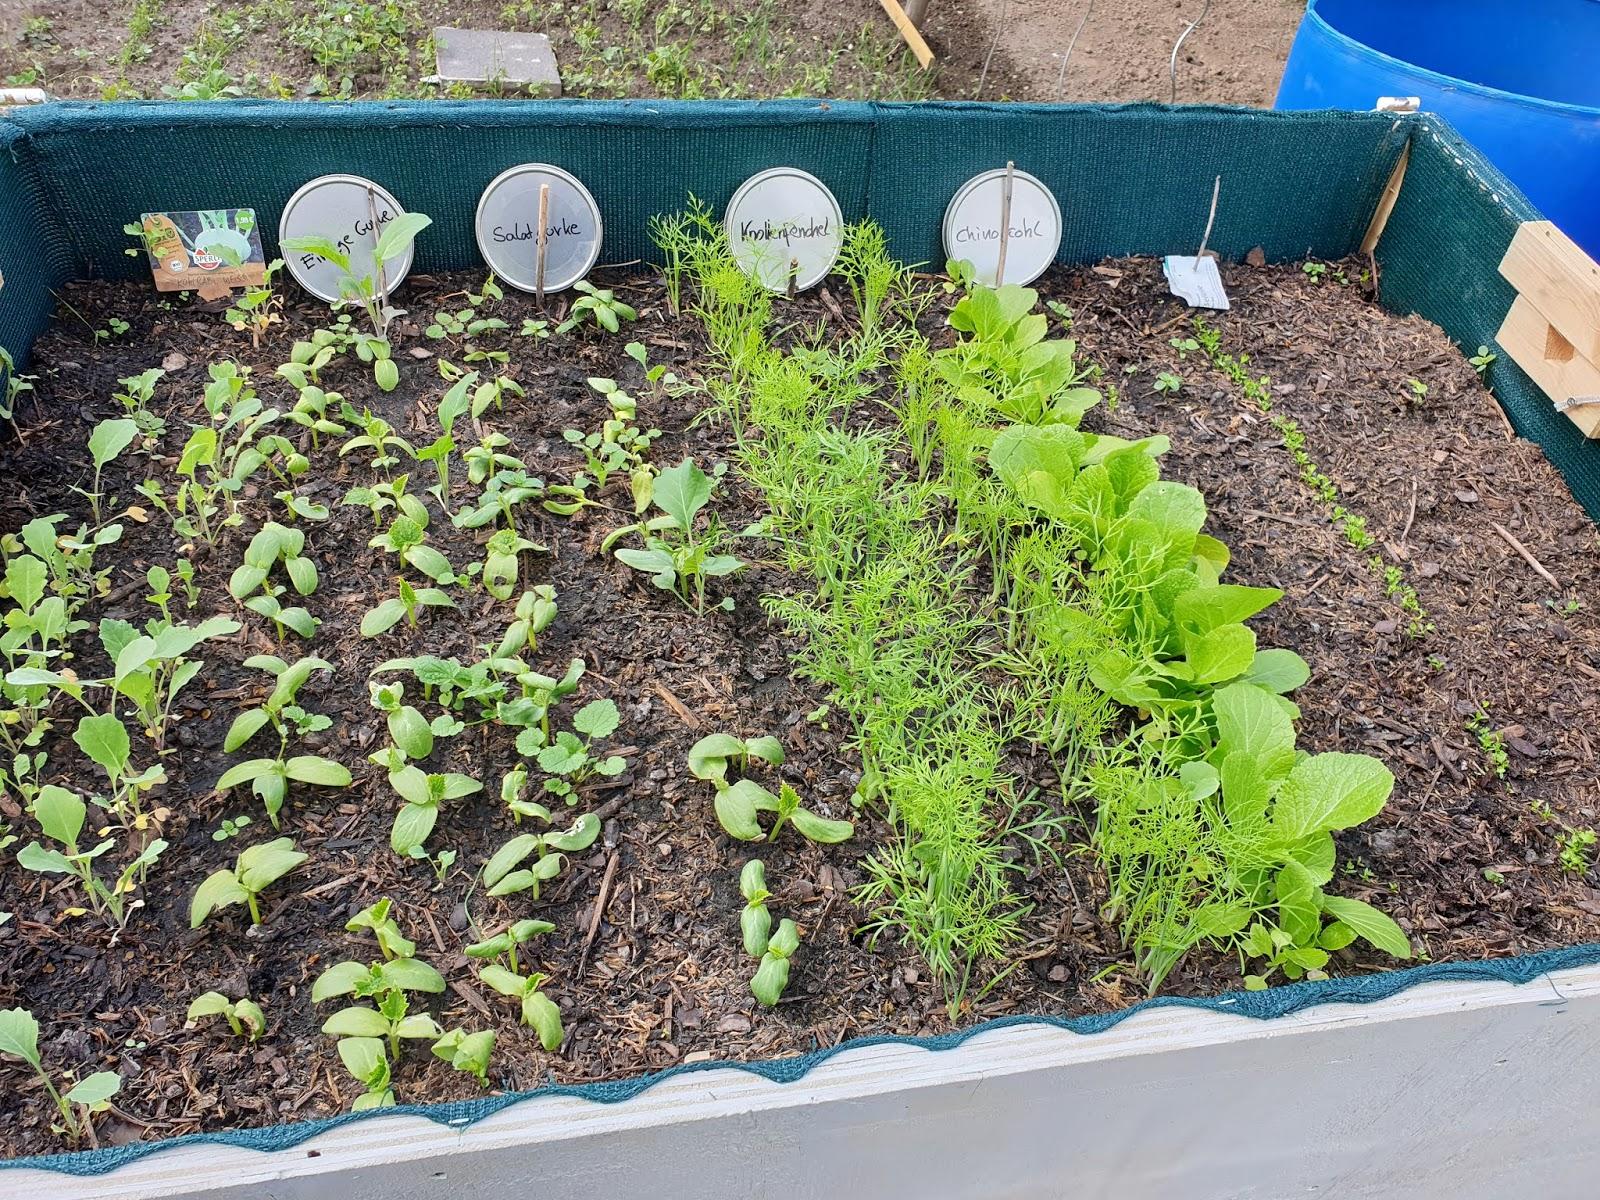 Quarantäne Gartenarbeit Erlaubt